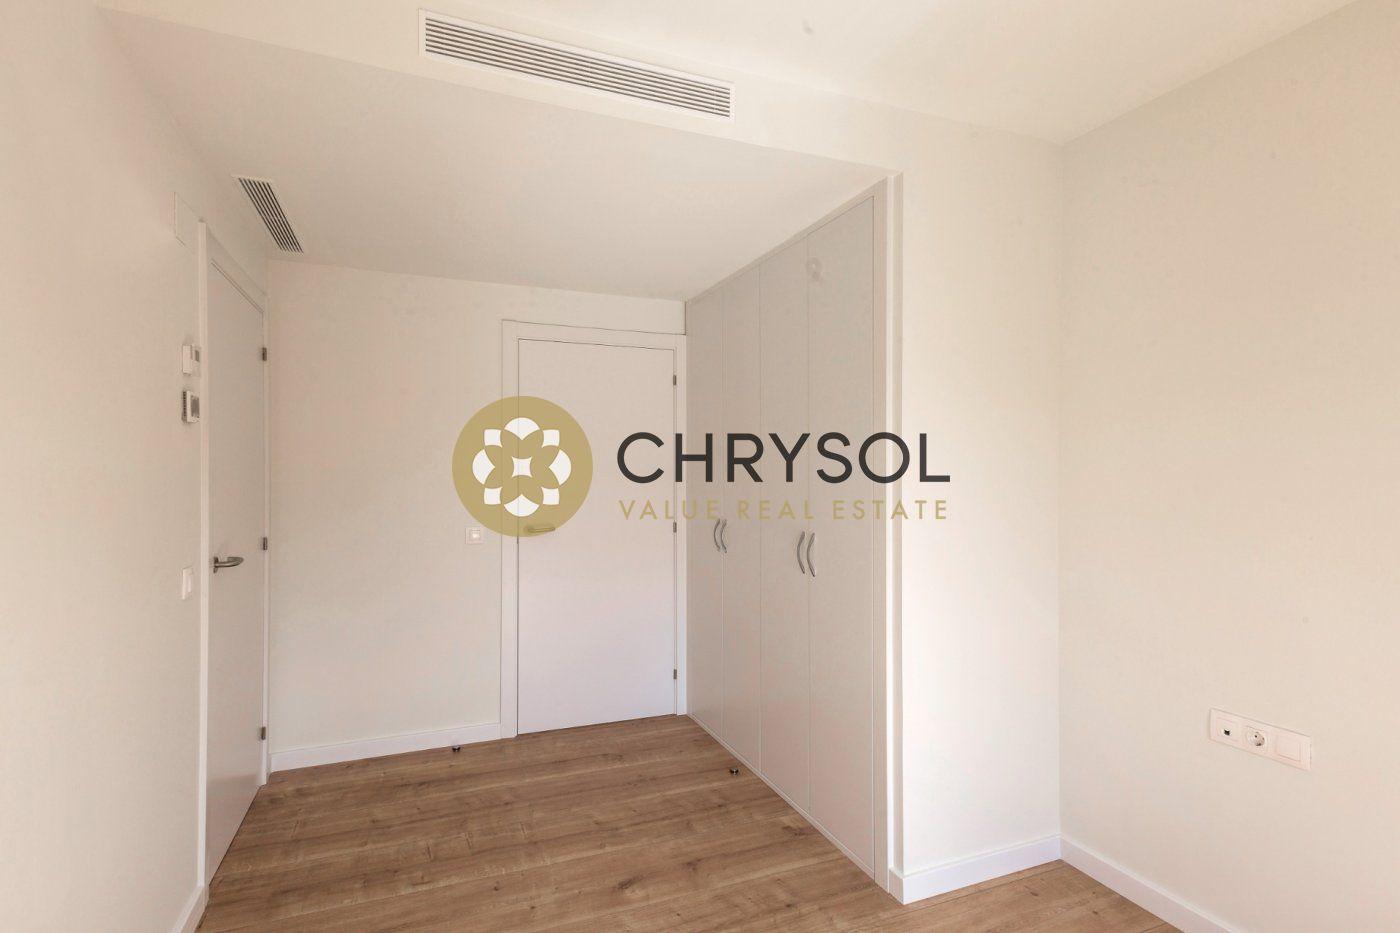 Fotogalería - 5 - Chrysol Value